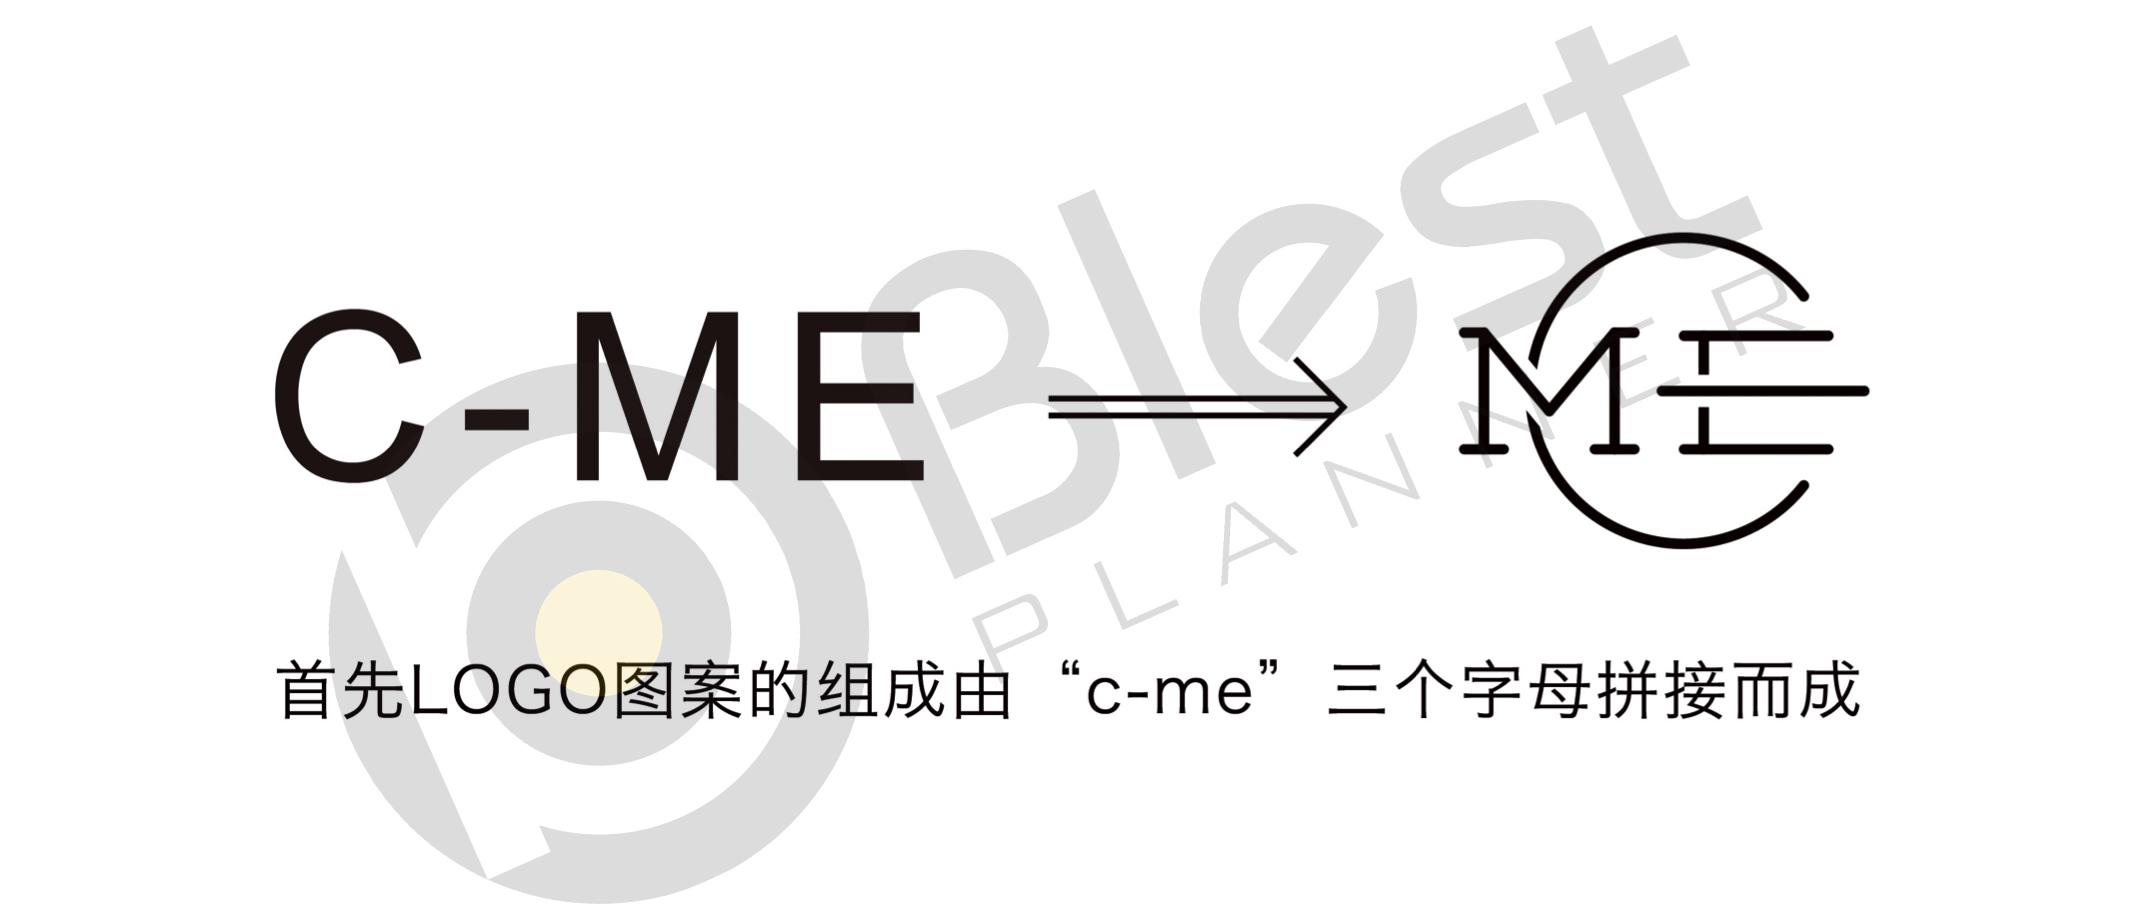 国内高级女装连锁店标志logo设计:c-me